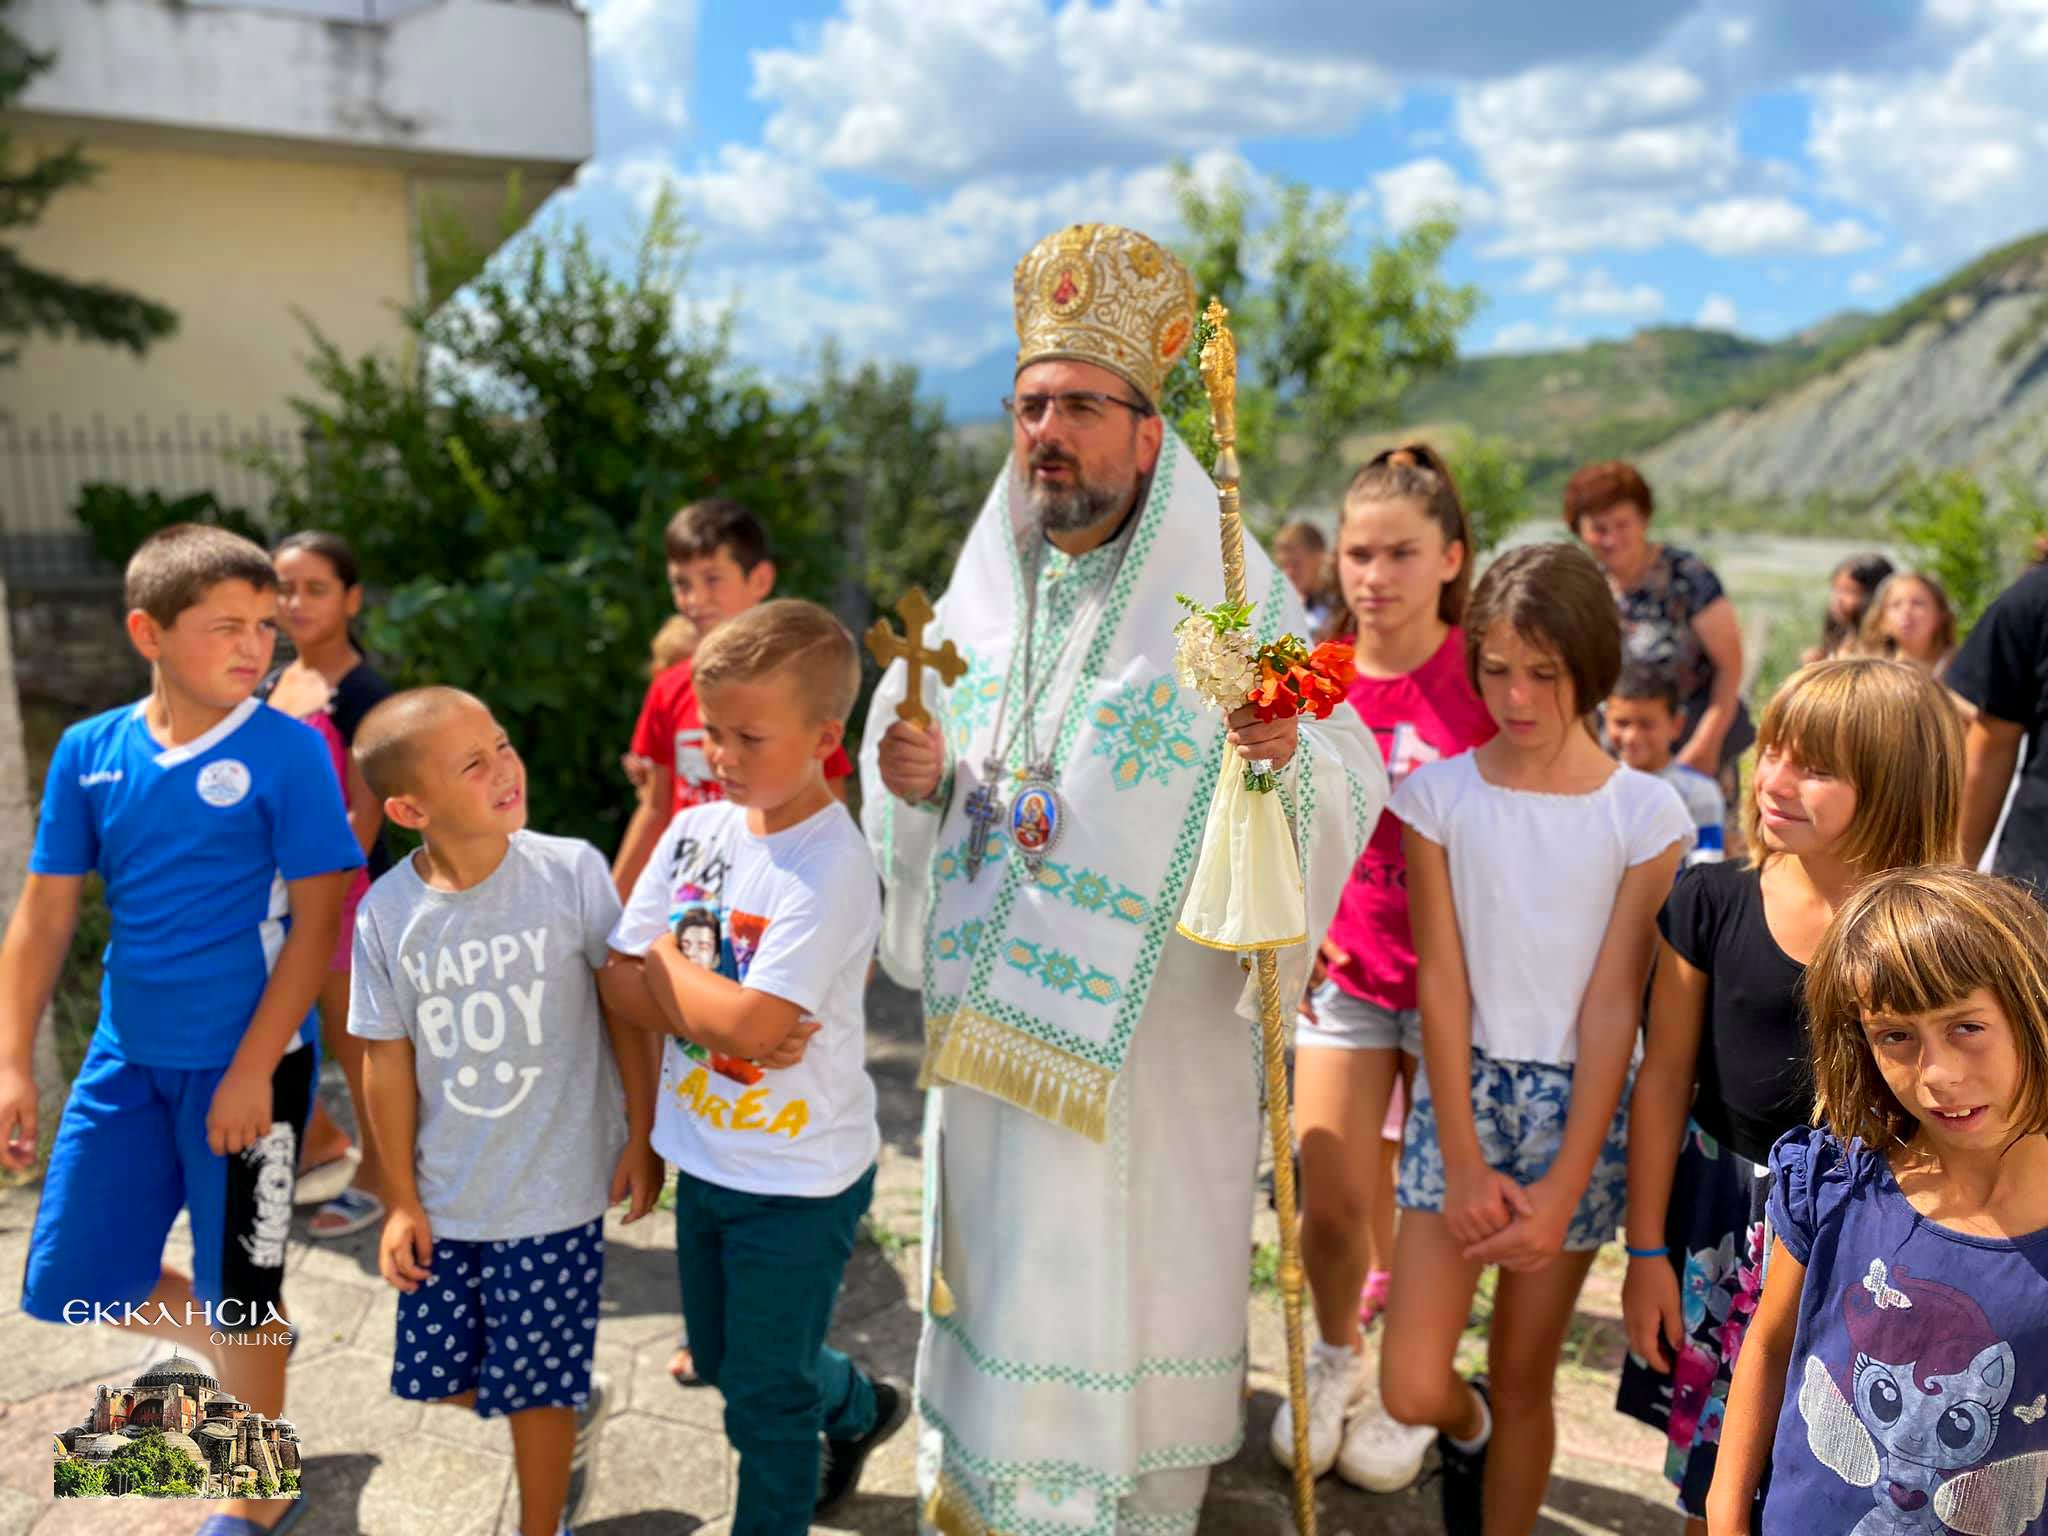 Λαμπρός εορτασμός της Μεταμόρφωσης του Σωτήρος στην Εκκλησία της Αλβανίας Μητρόπολη Ελμπασάν